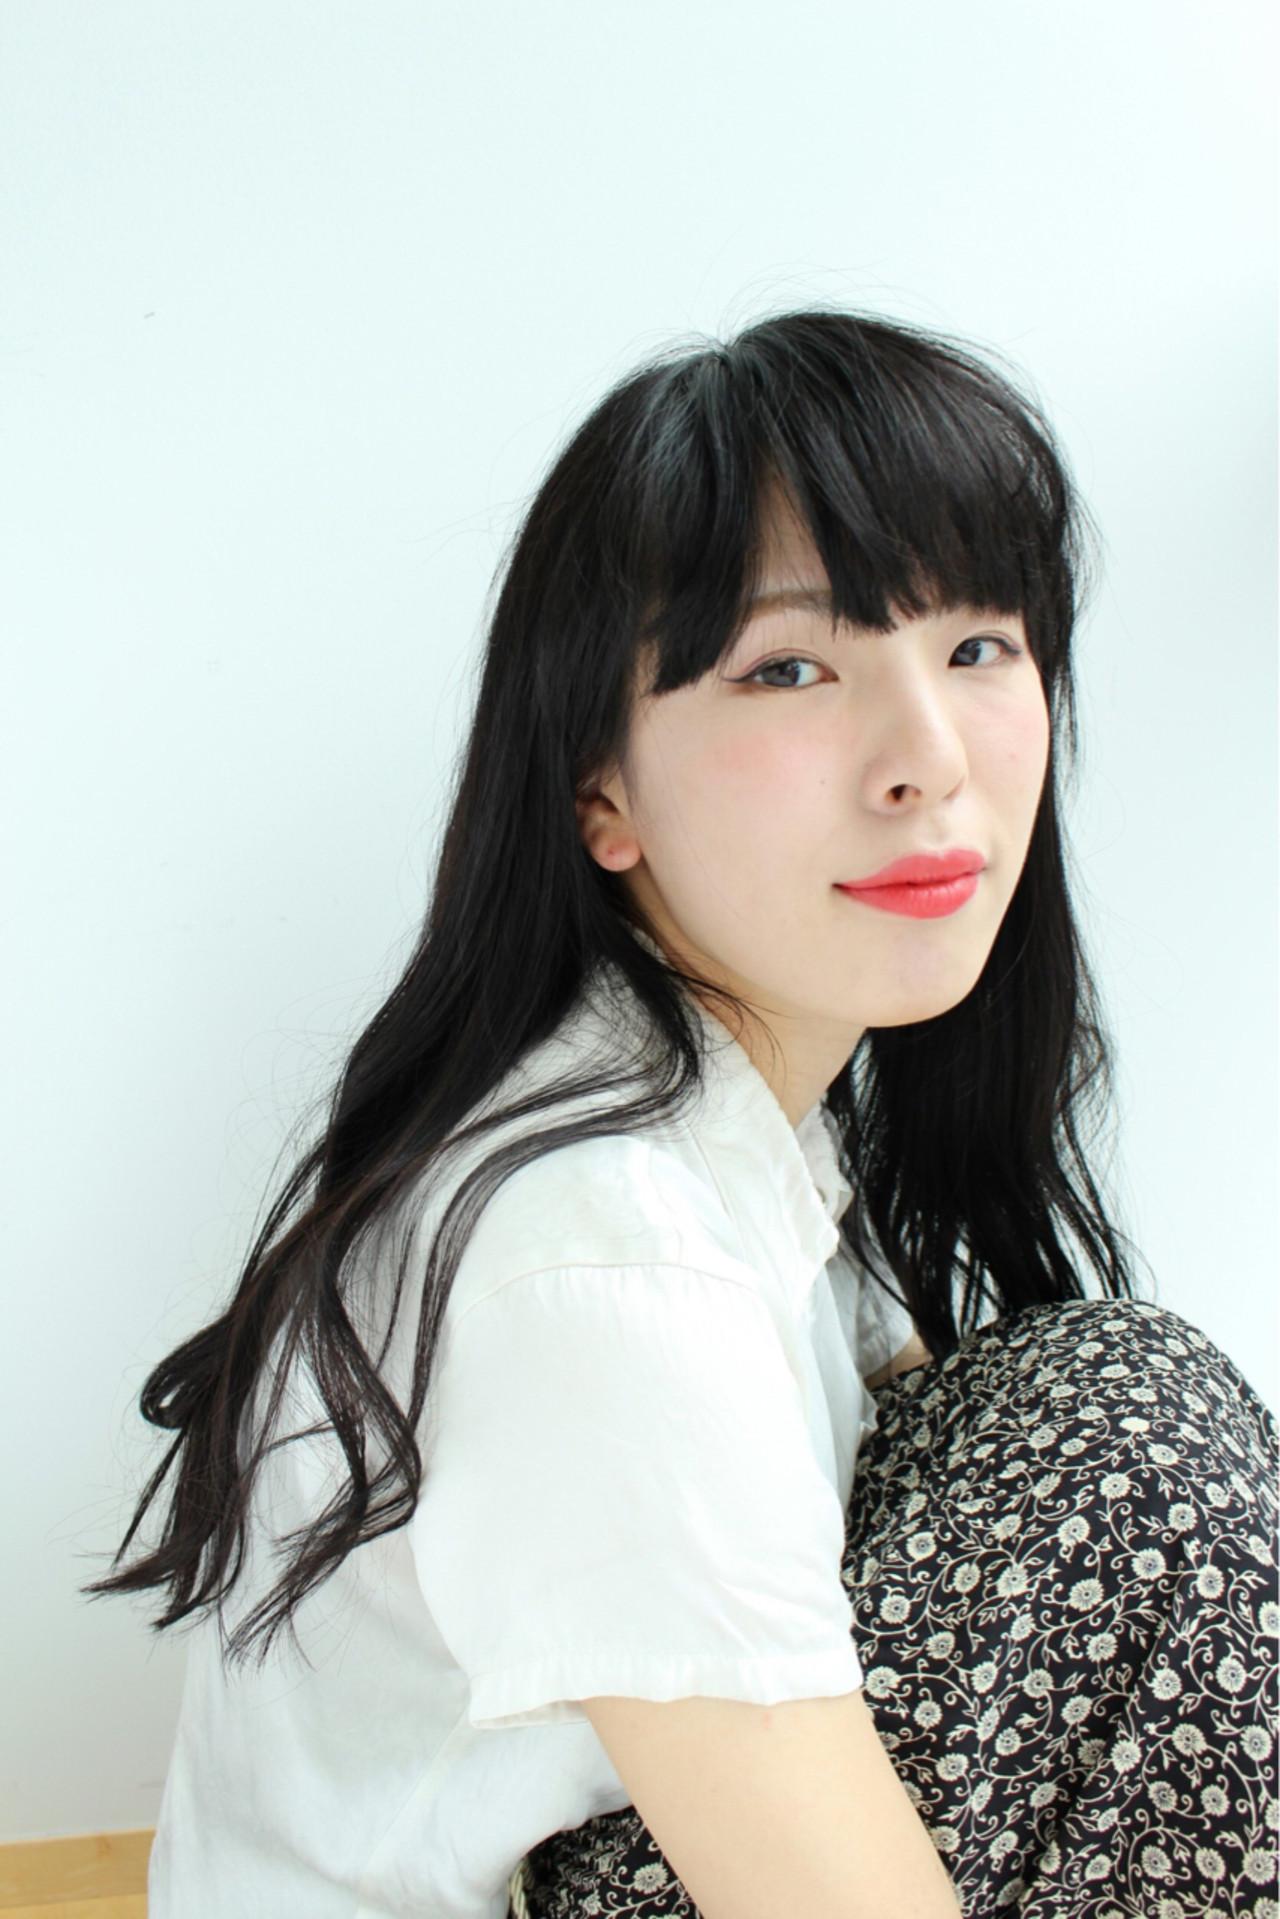 ロング 黒髪 ゆるふわ 大人かわいい ヘアスタイルや髪型の写真・画像 | 三上 奈巳 / Spin hair 烏丸店